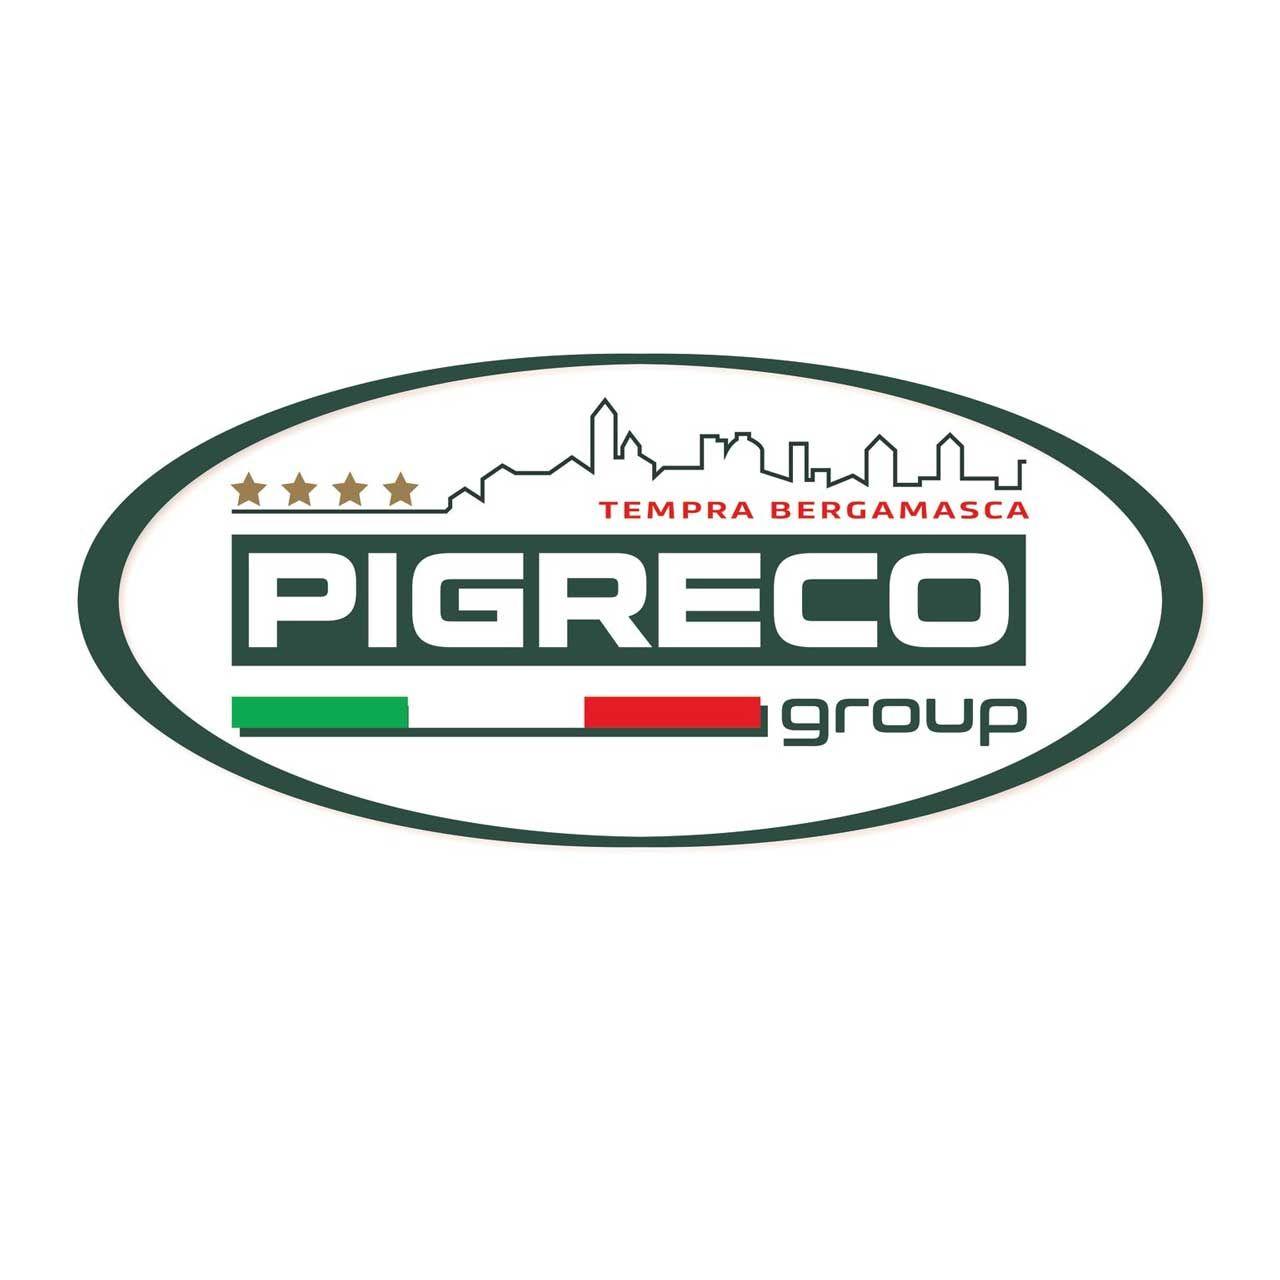 Anche PiGreco Group sceglie Politerapica